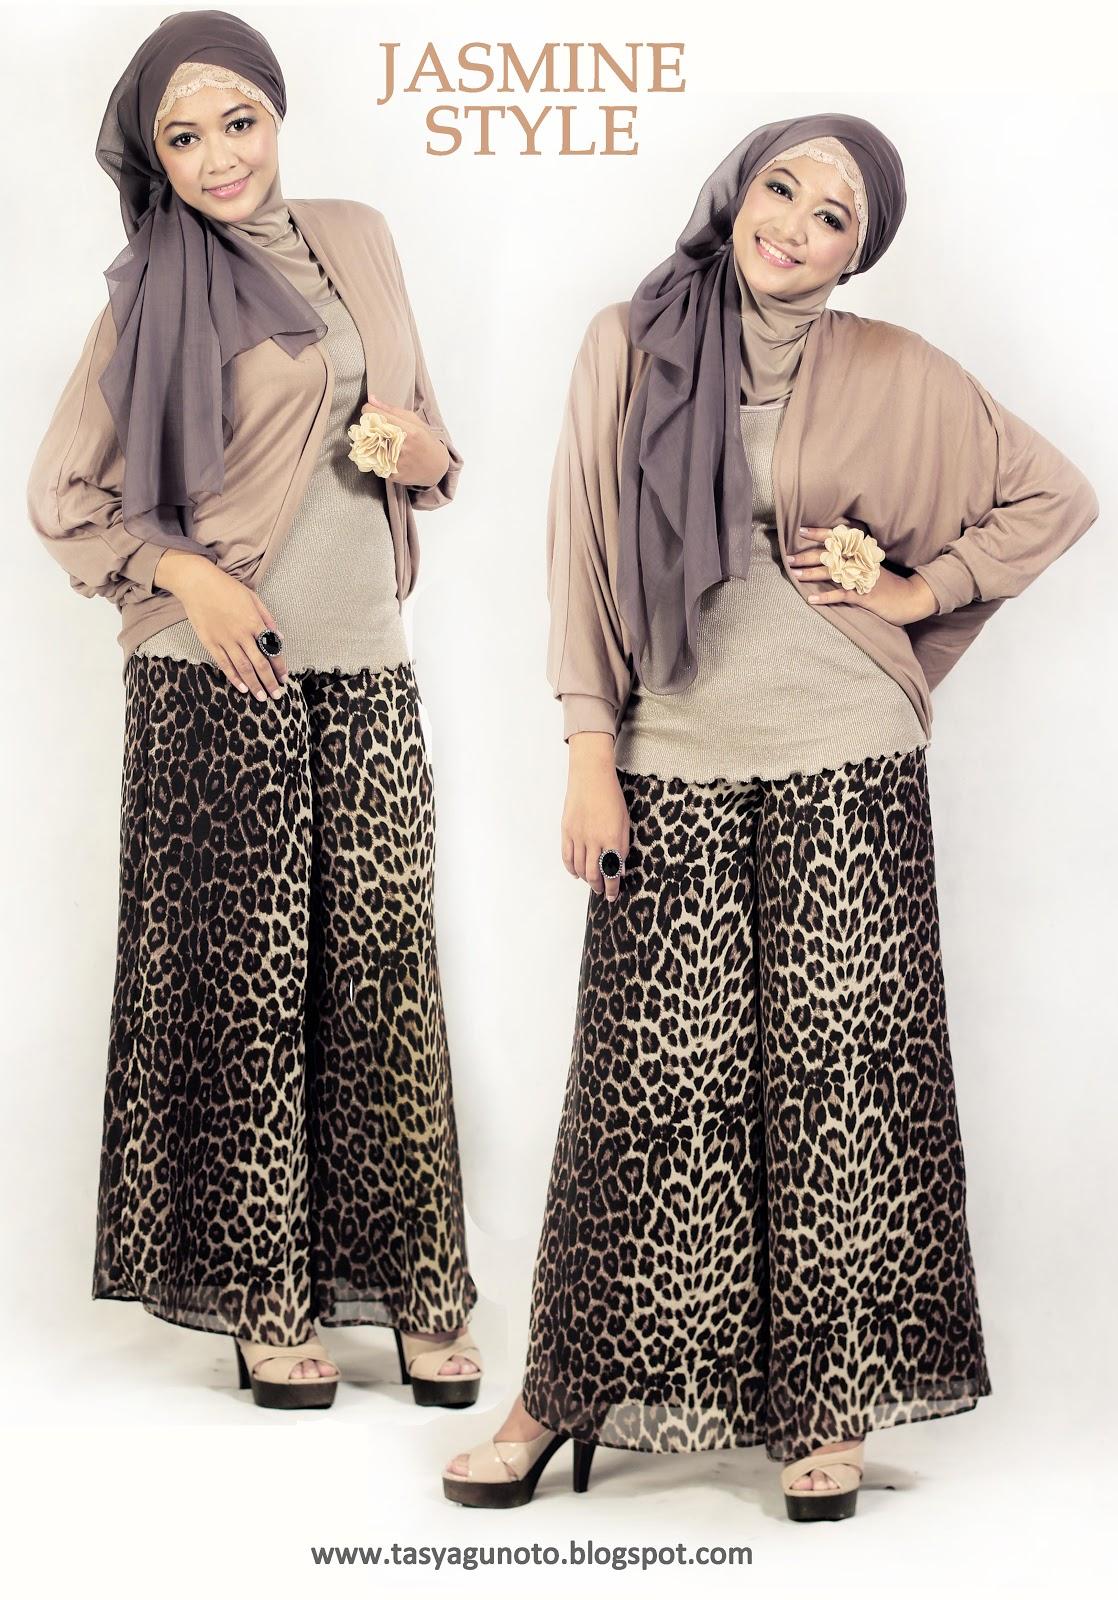 Hijab Tutorial Paris Jasmine Style Hijab Trade Fashion